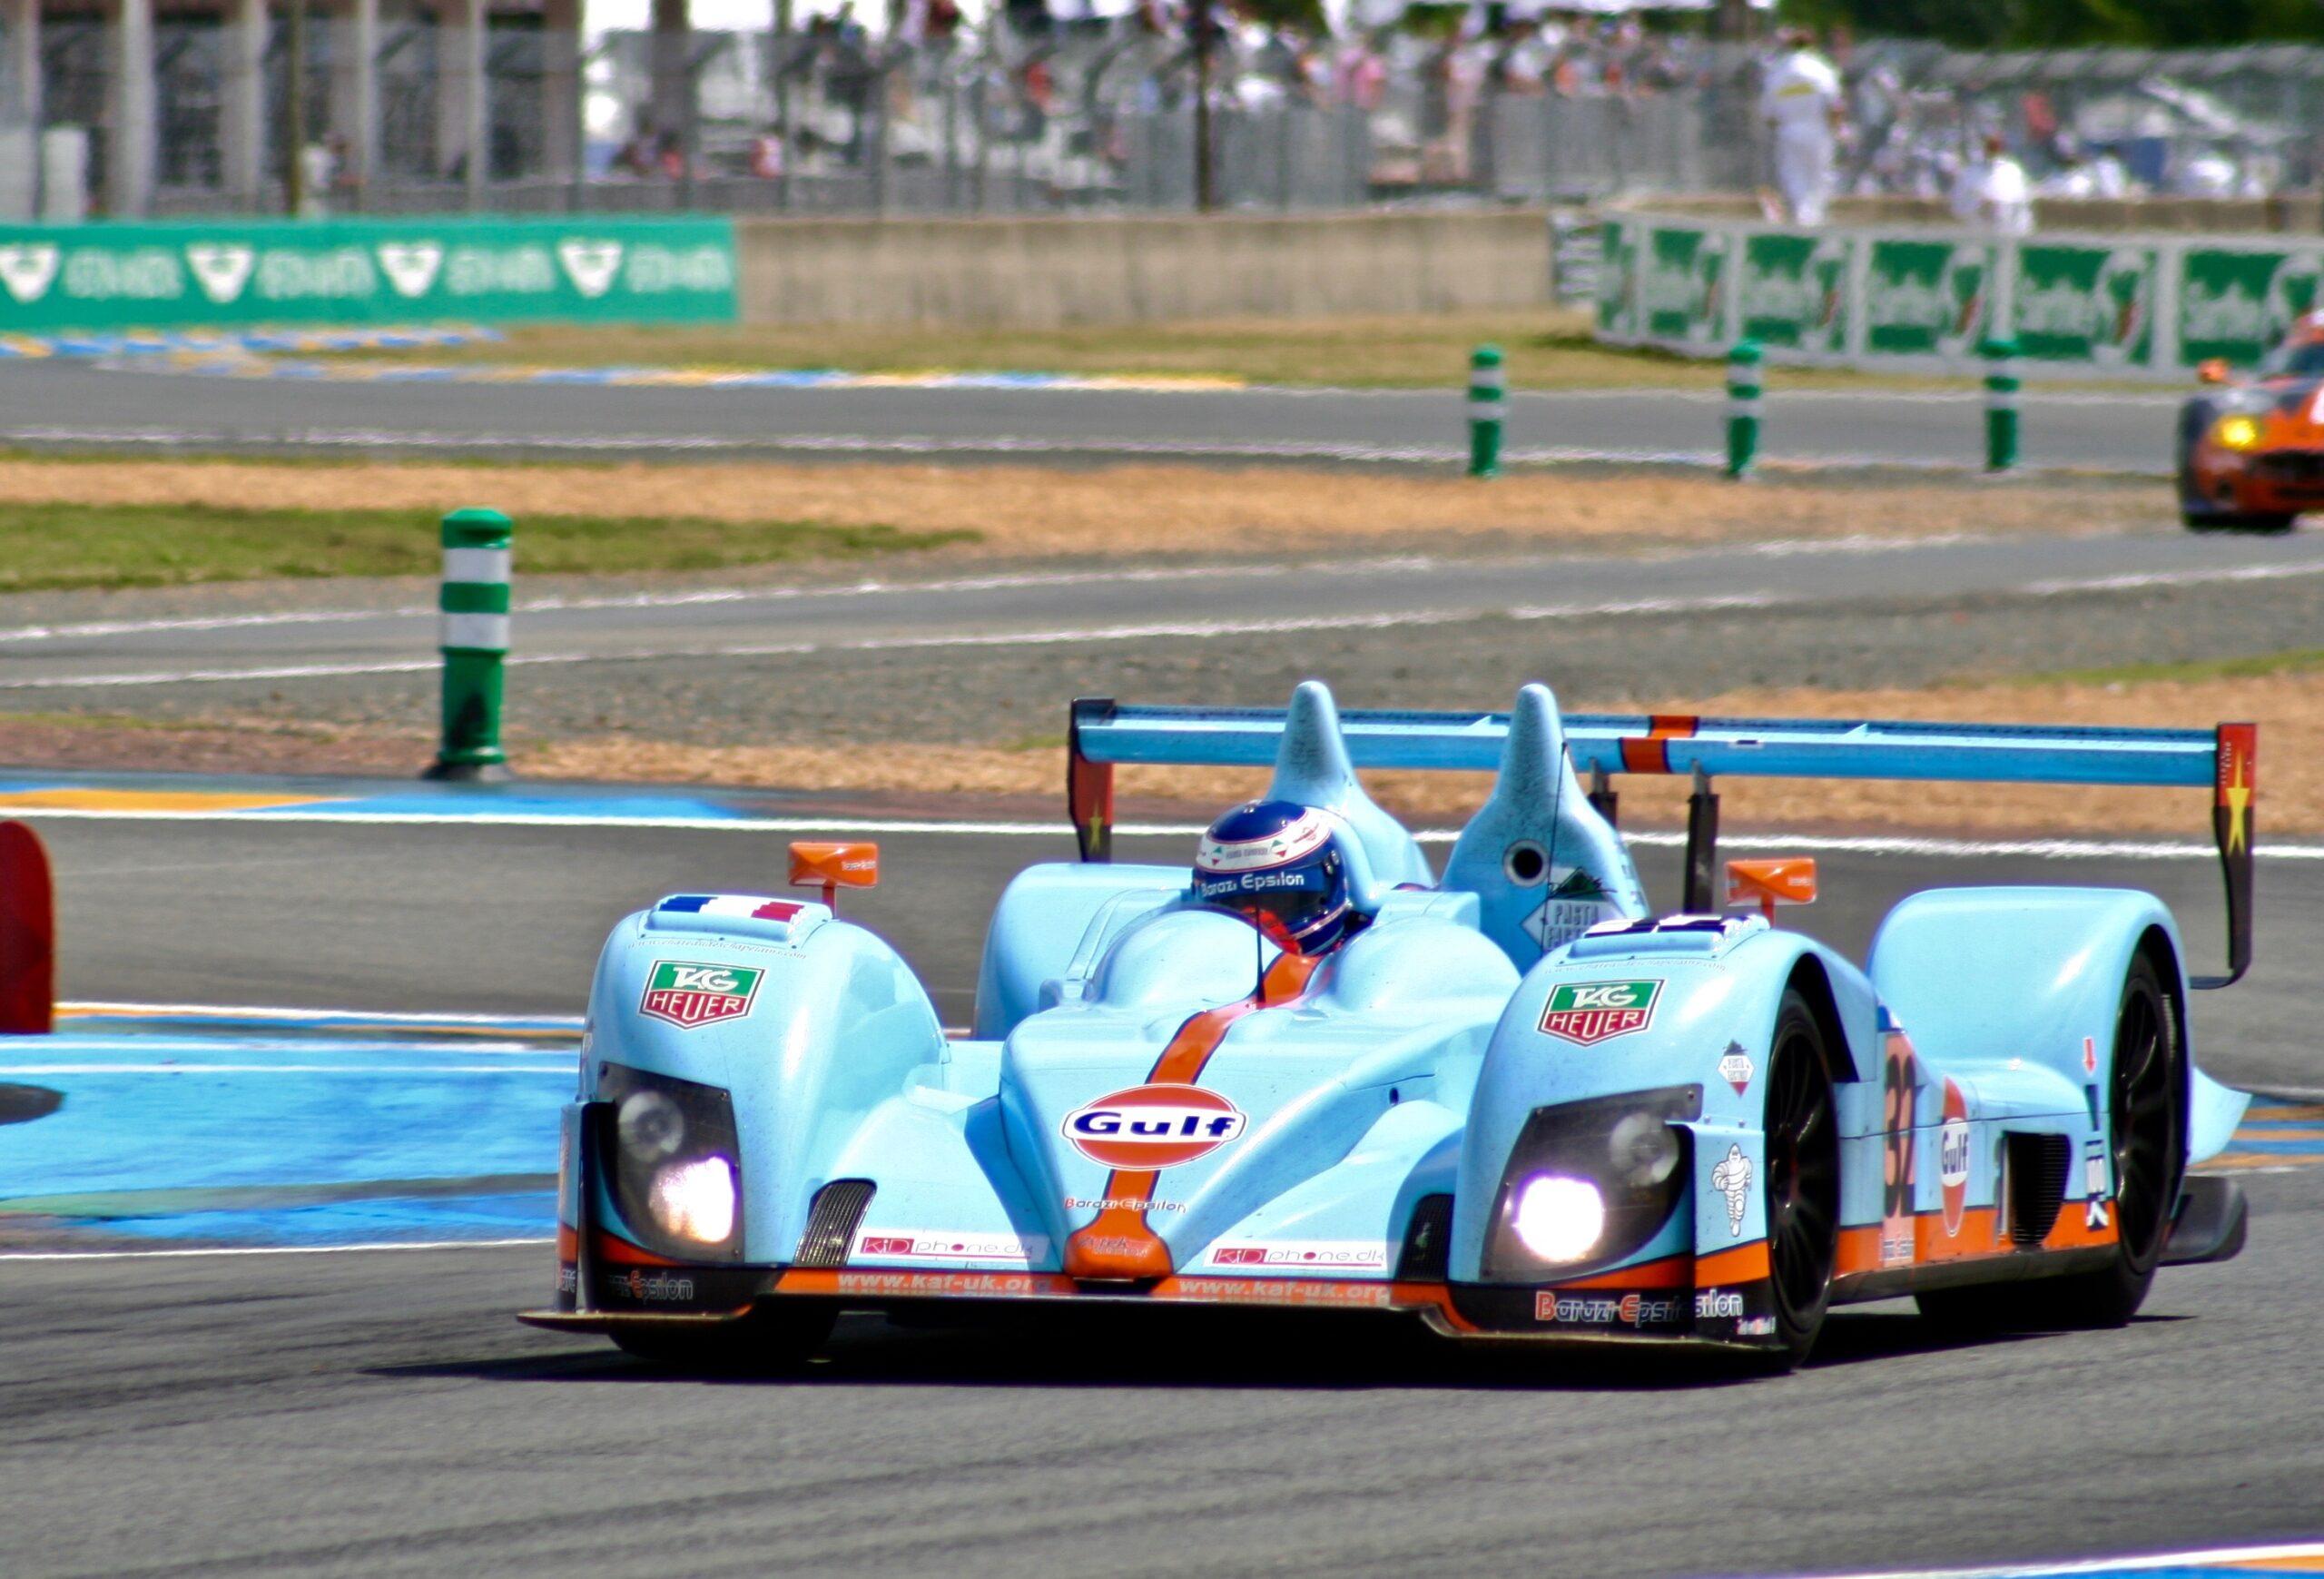 Le Mans ...  Zytek 07S